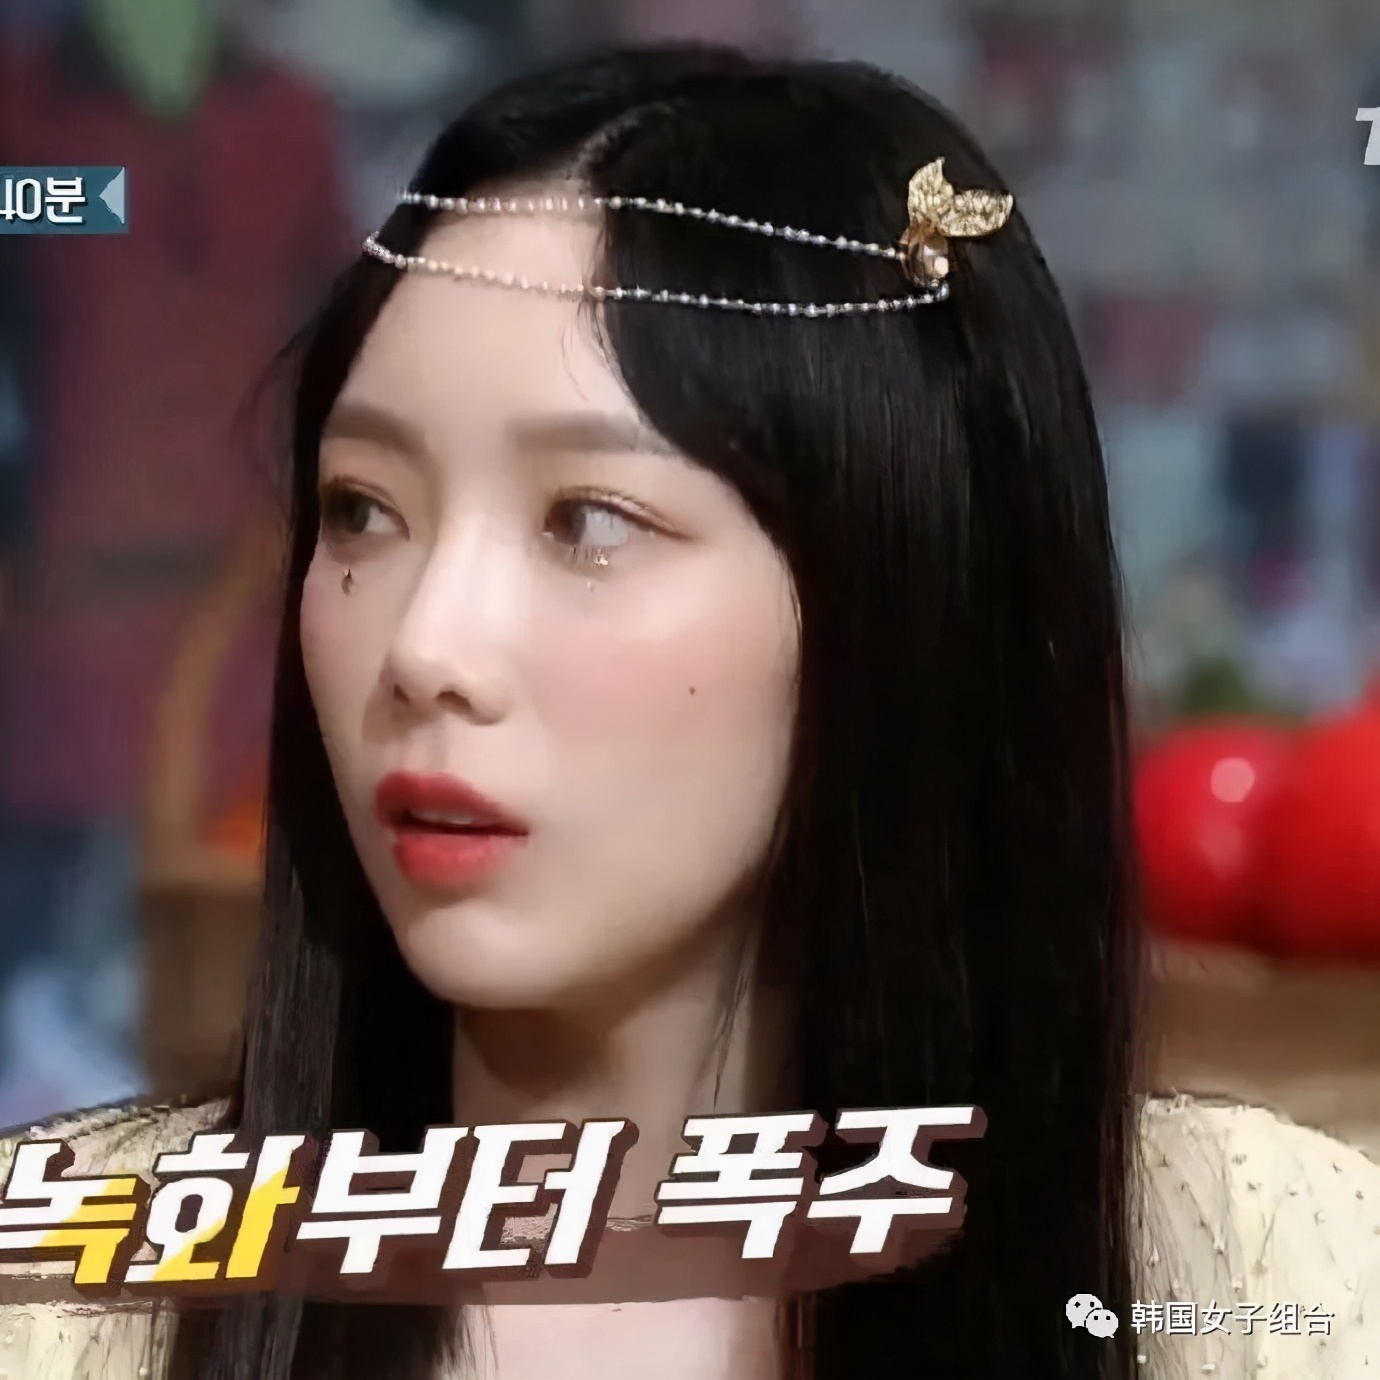 令韩网友每周都期待的,女团爱豆的concept装扮